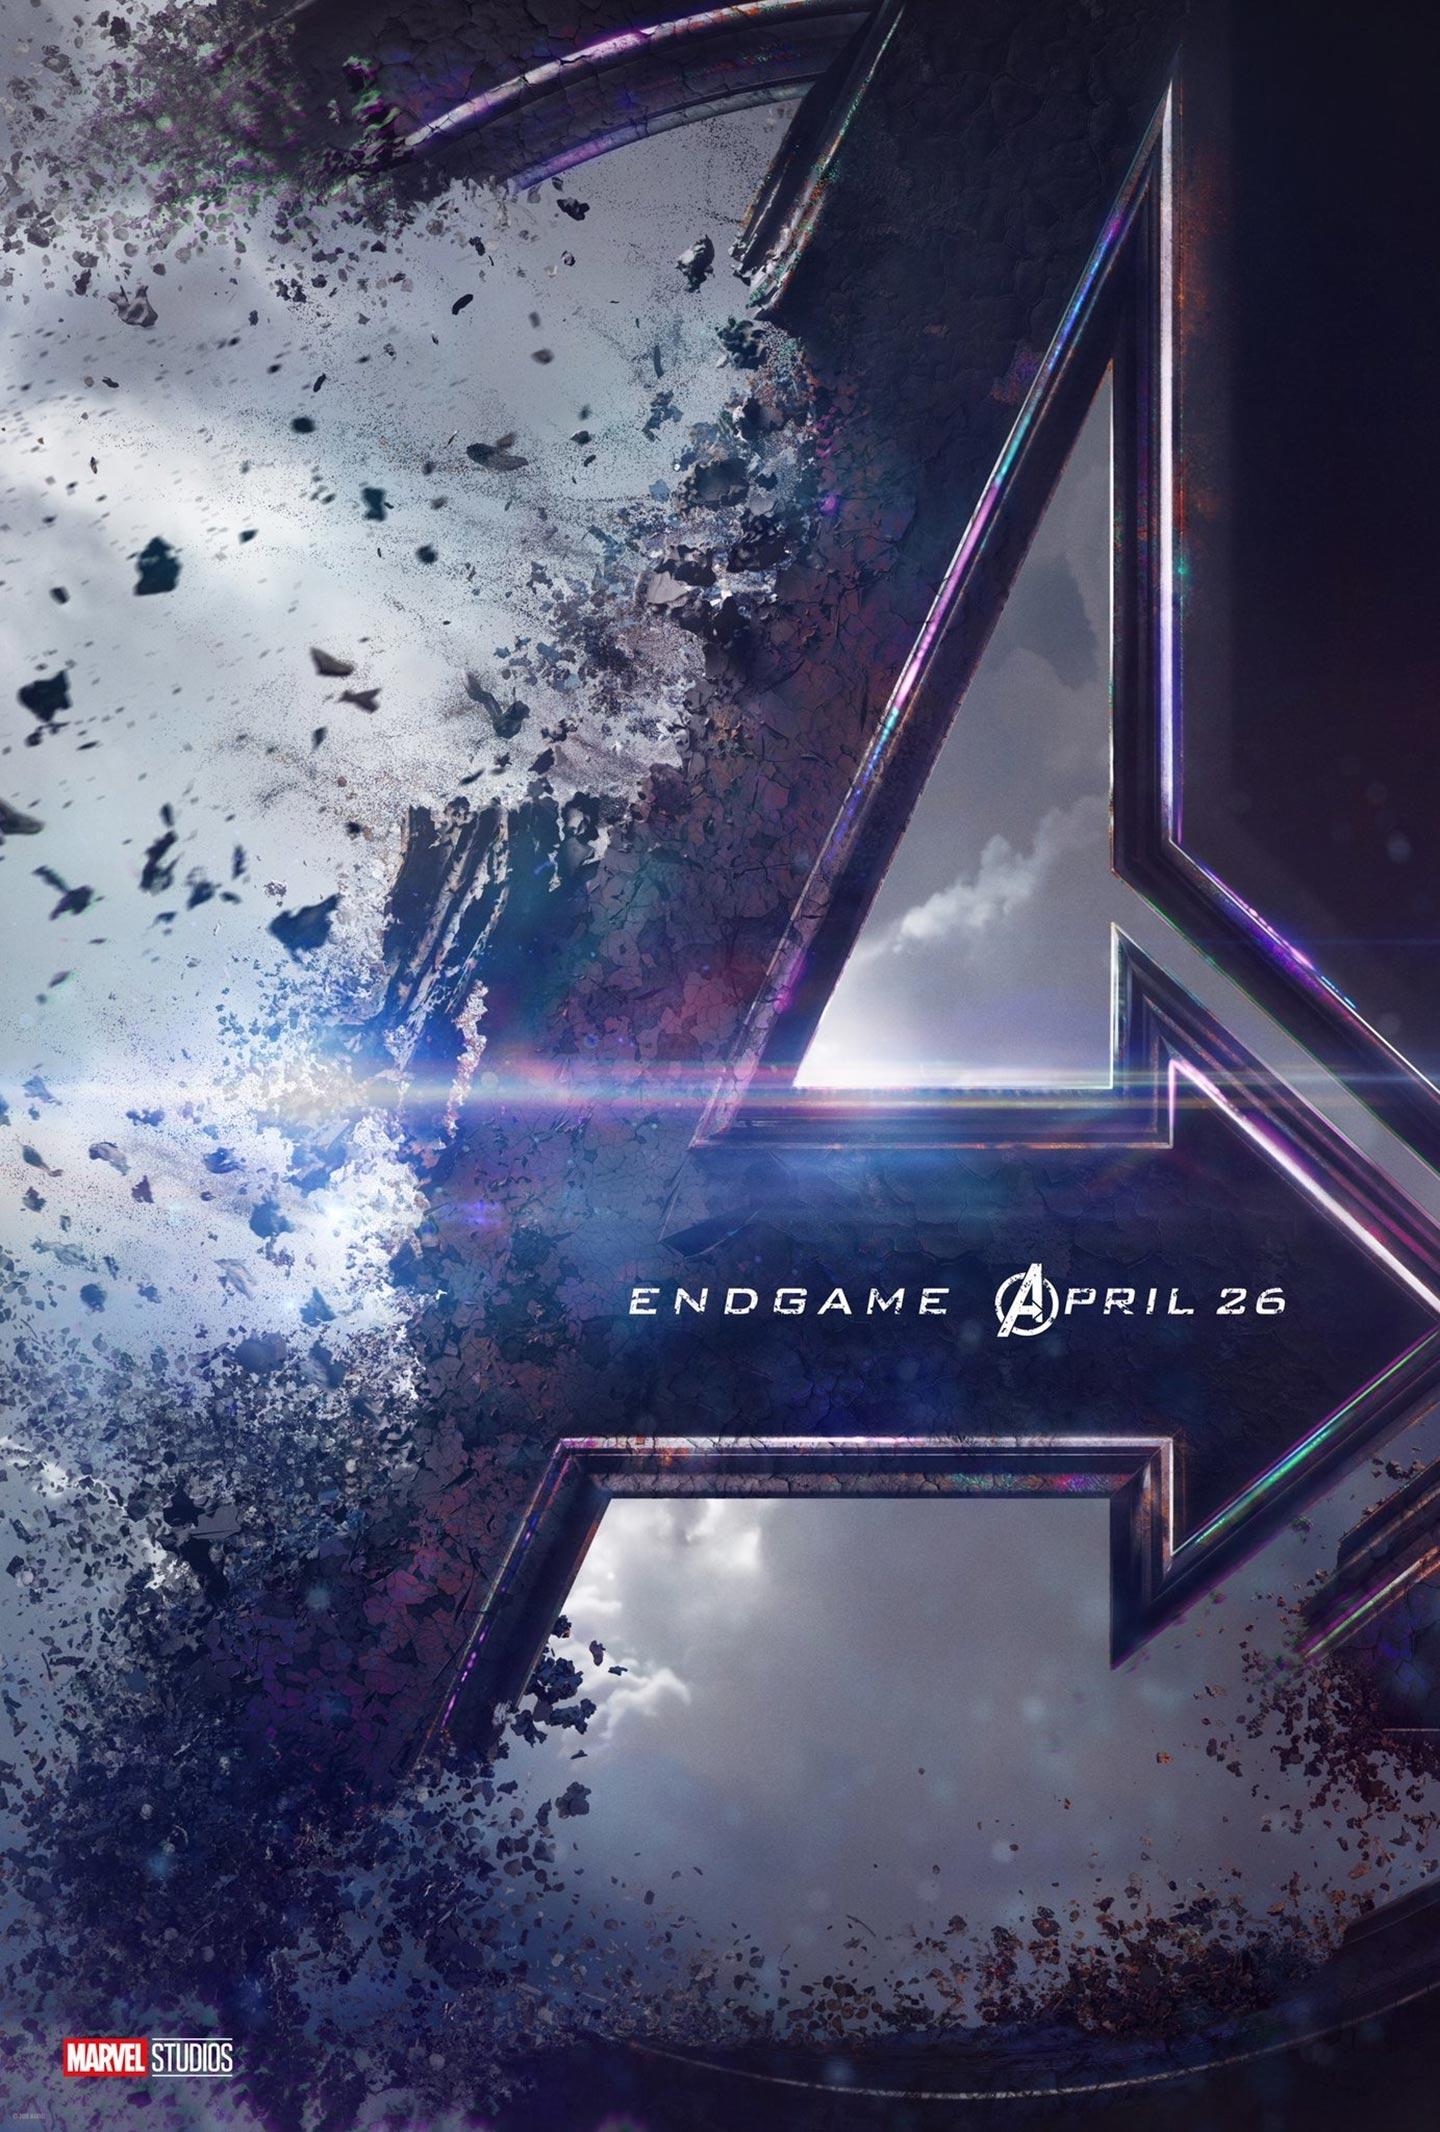 Avengers Endgame 2019 Poster 1 Trailer Addict